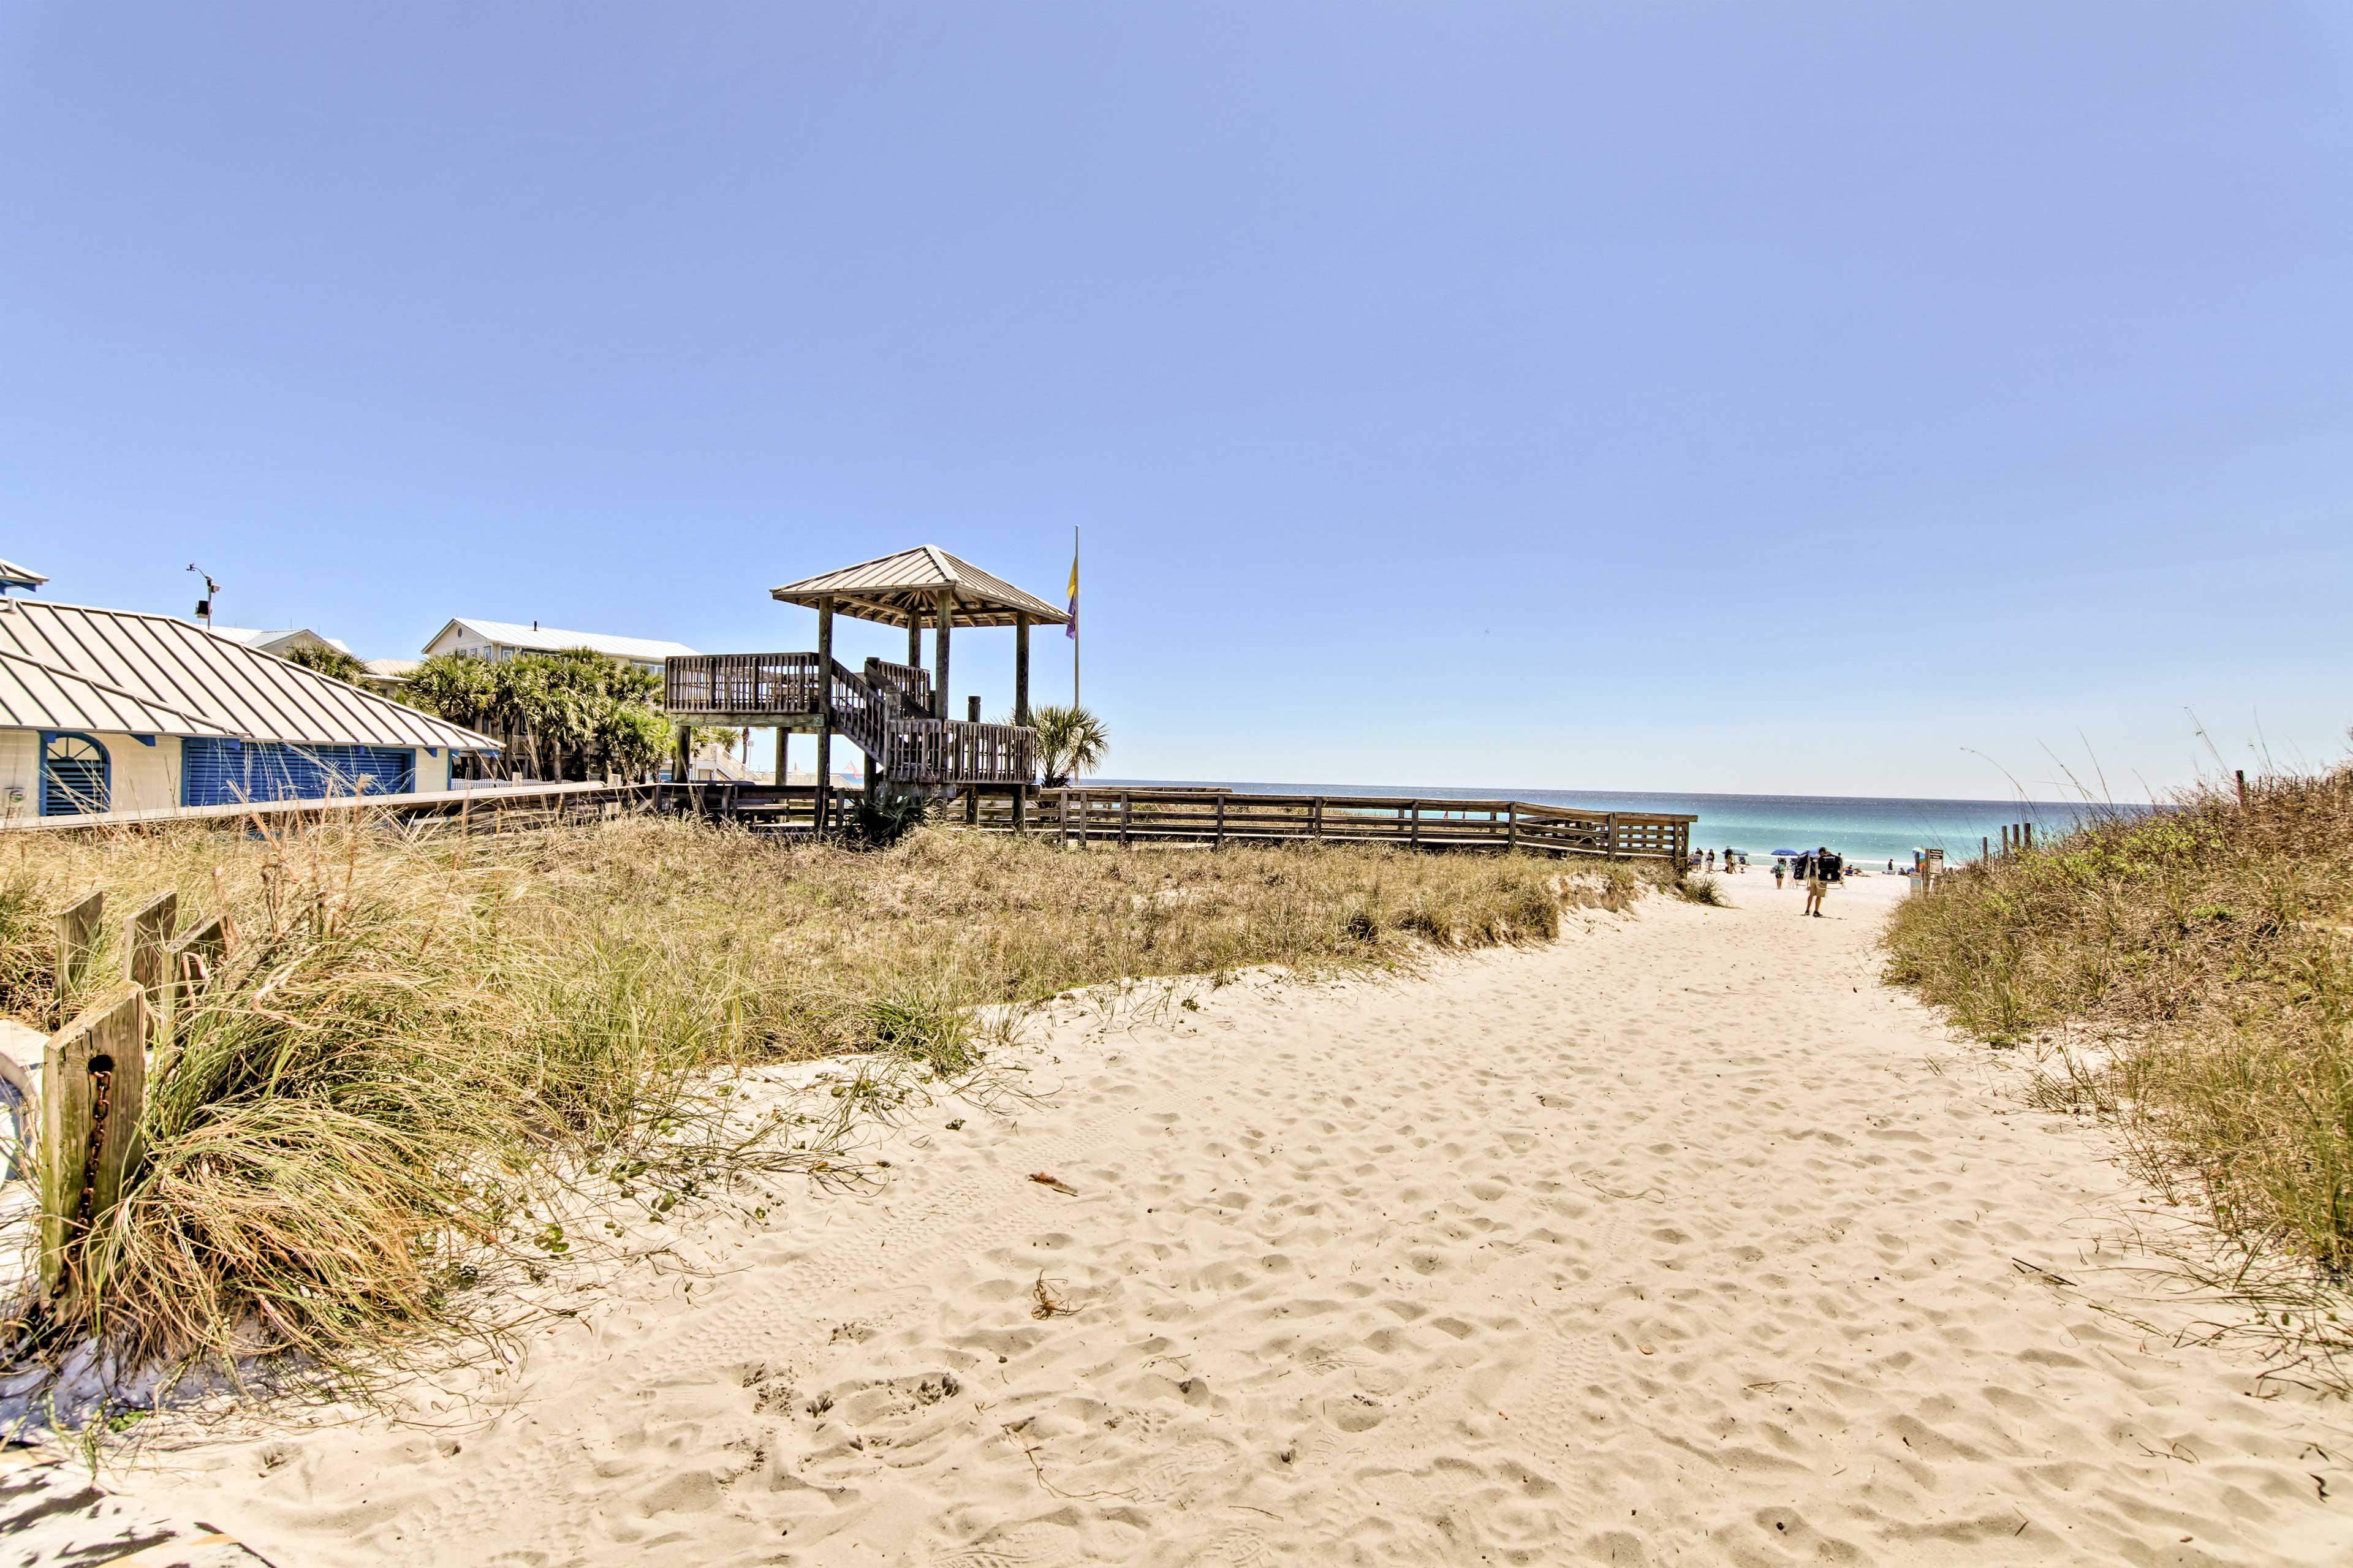 The beach awaits a short walk away!